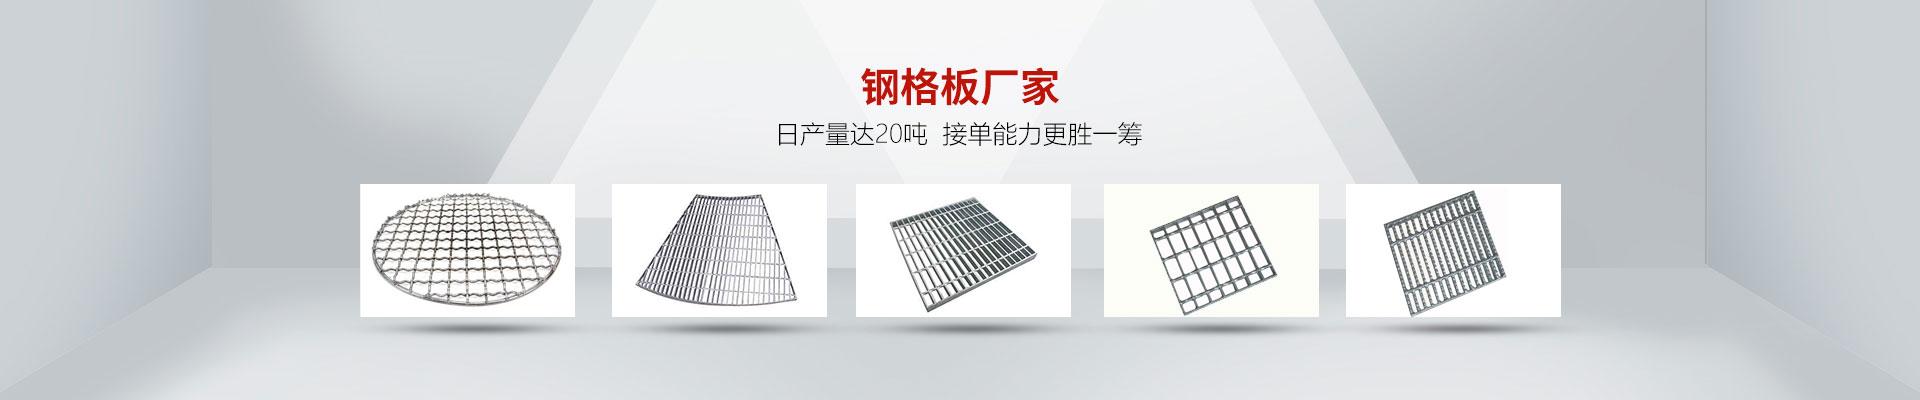 响达钢格板-钢格板厂家 日产量达20吨,接单能力更胜一筹